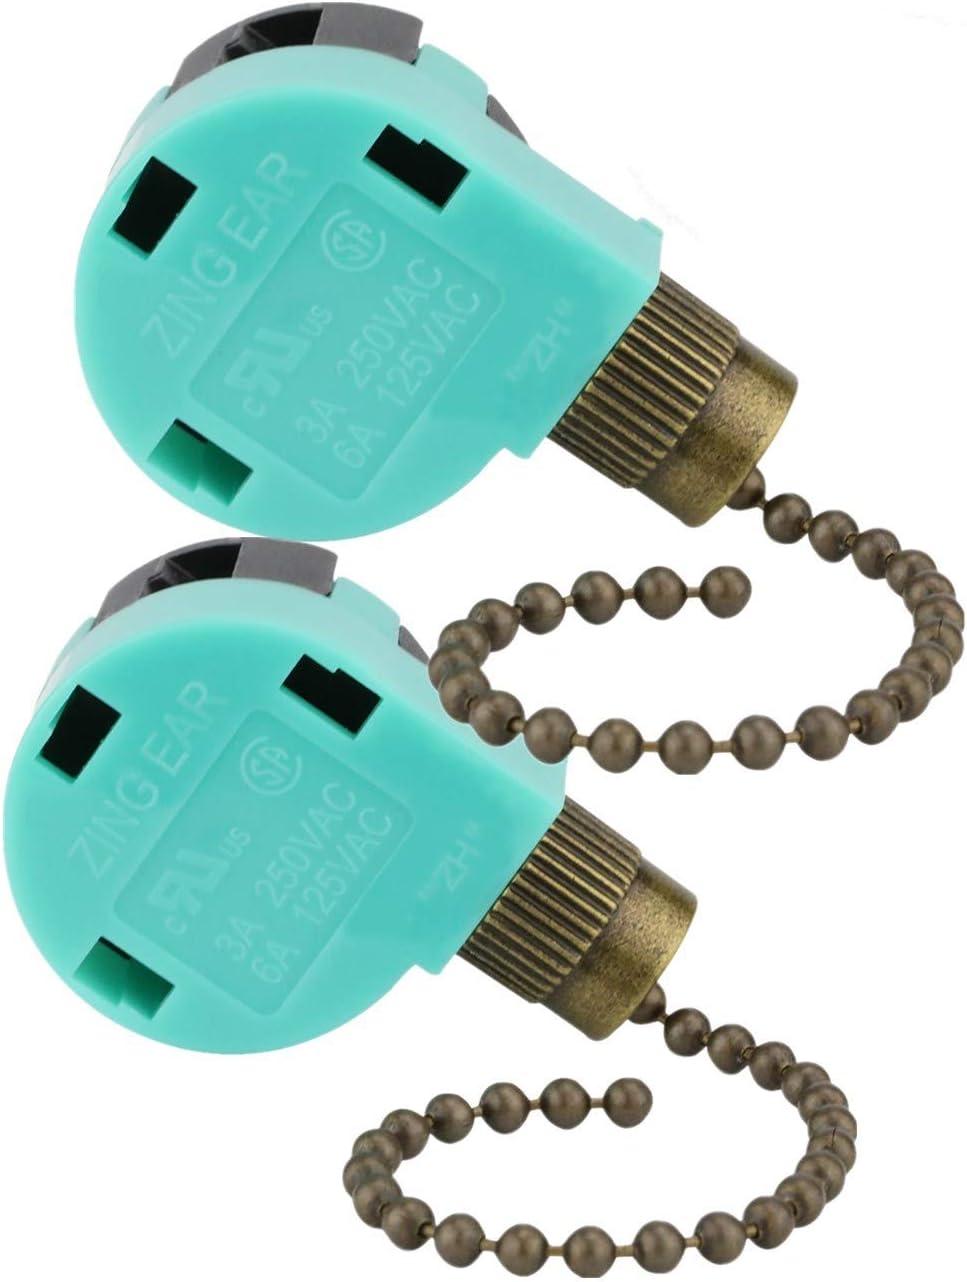 Ceiling Fan Switch Zing Ear Fan Switch ZE-268s6 ZE Fan Control Switch 4 Wire Fan Switch Controls - -